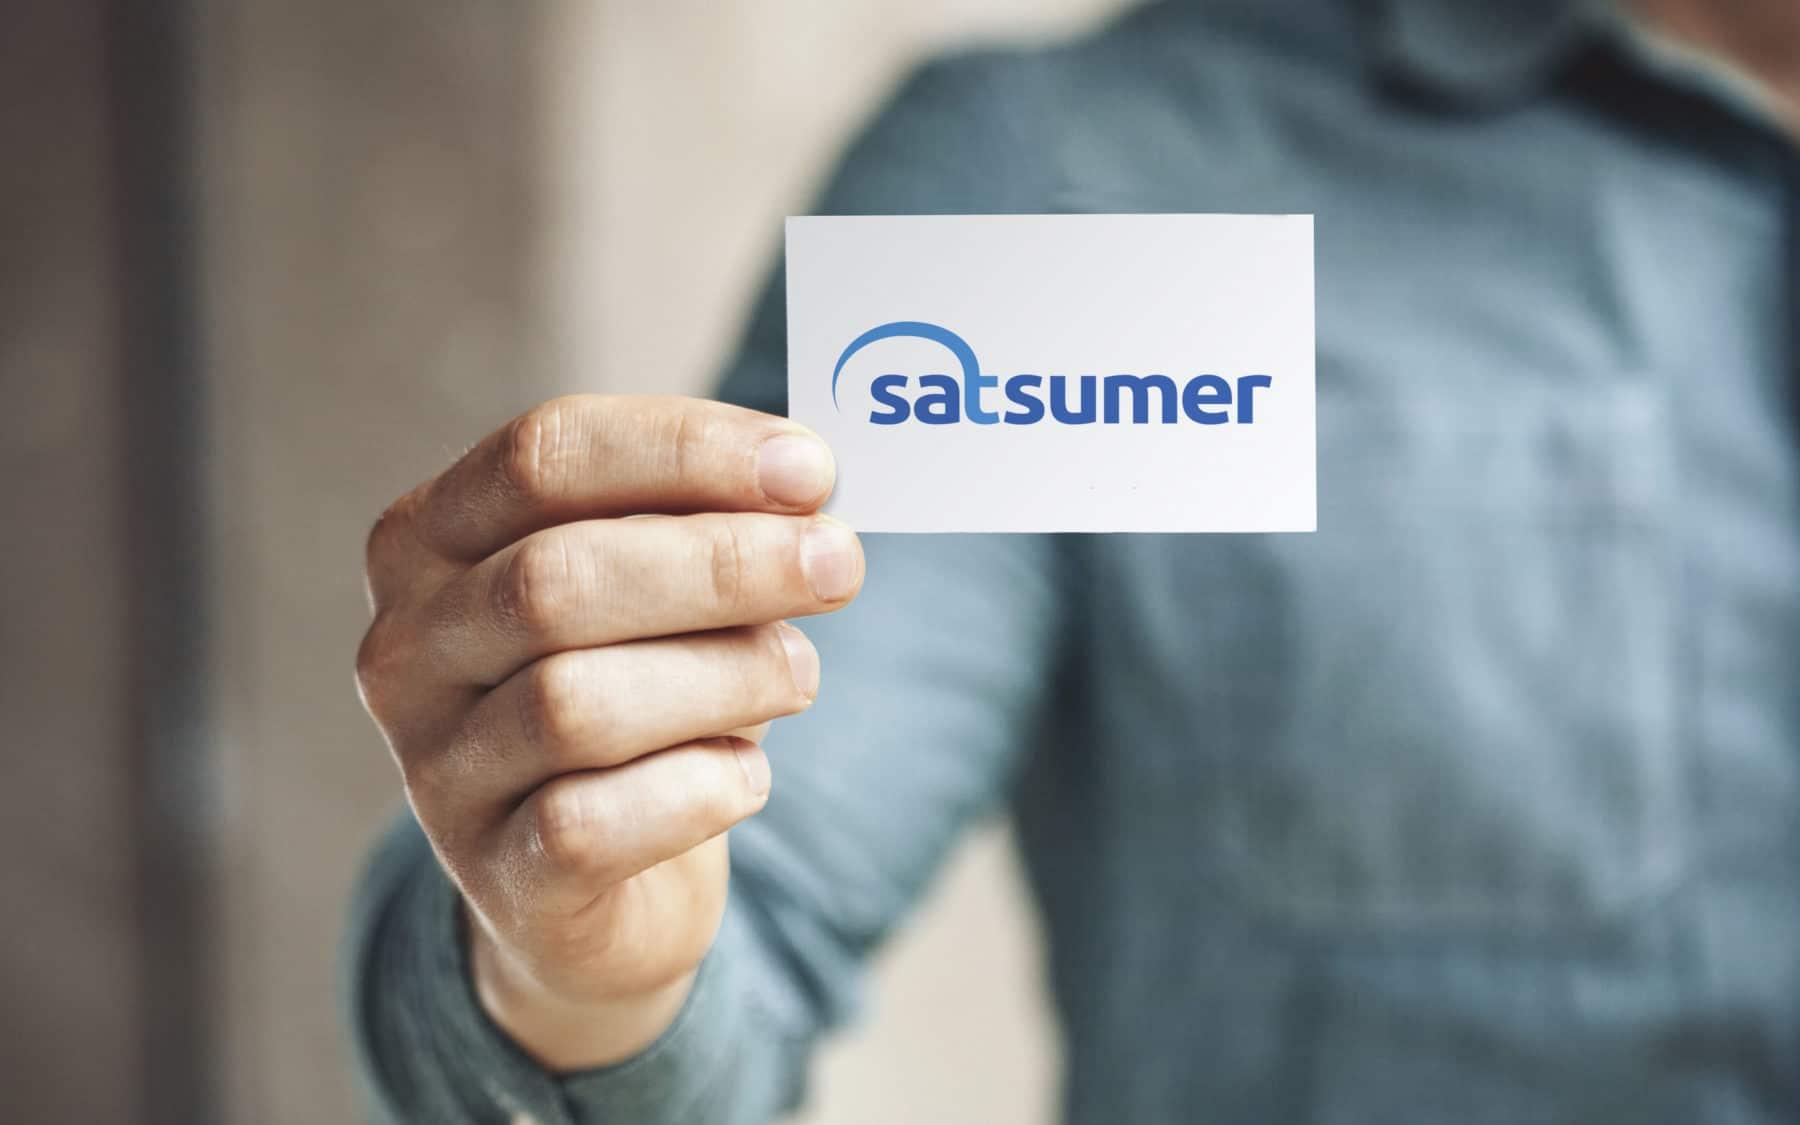 Satsumer 1